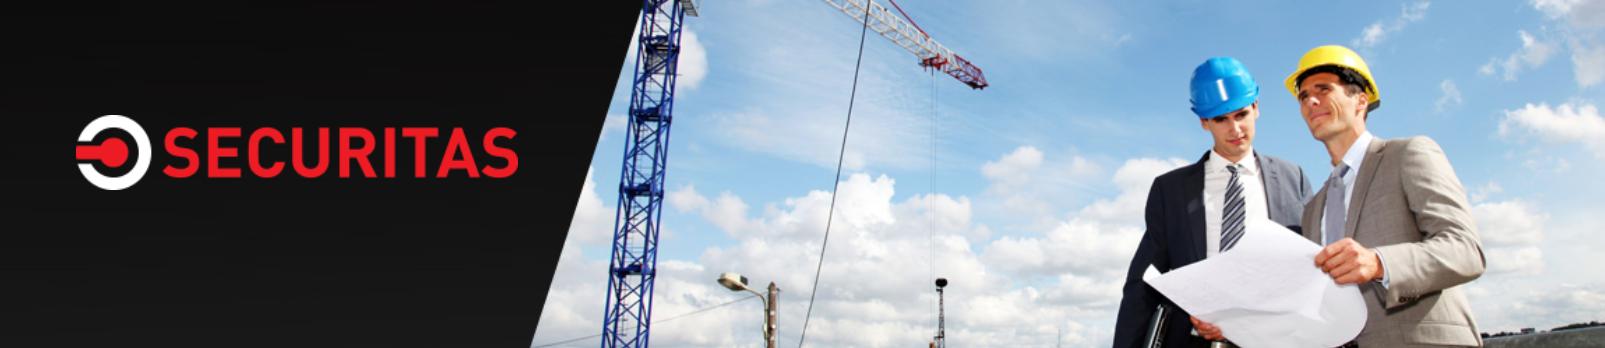 ISO9001, SMQ, Qualité, Quality, Systeme de Management, Maintenance, SST Santé Sécurité au Travail